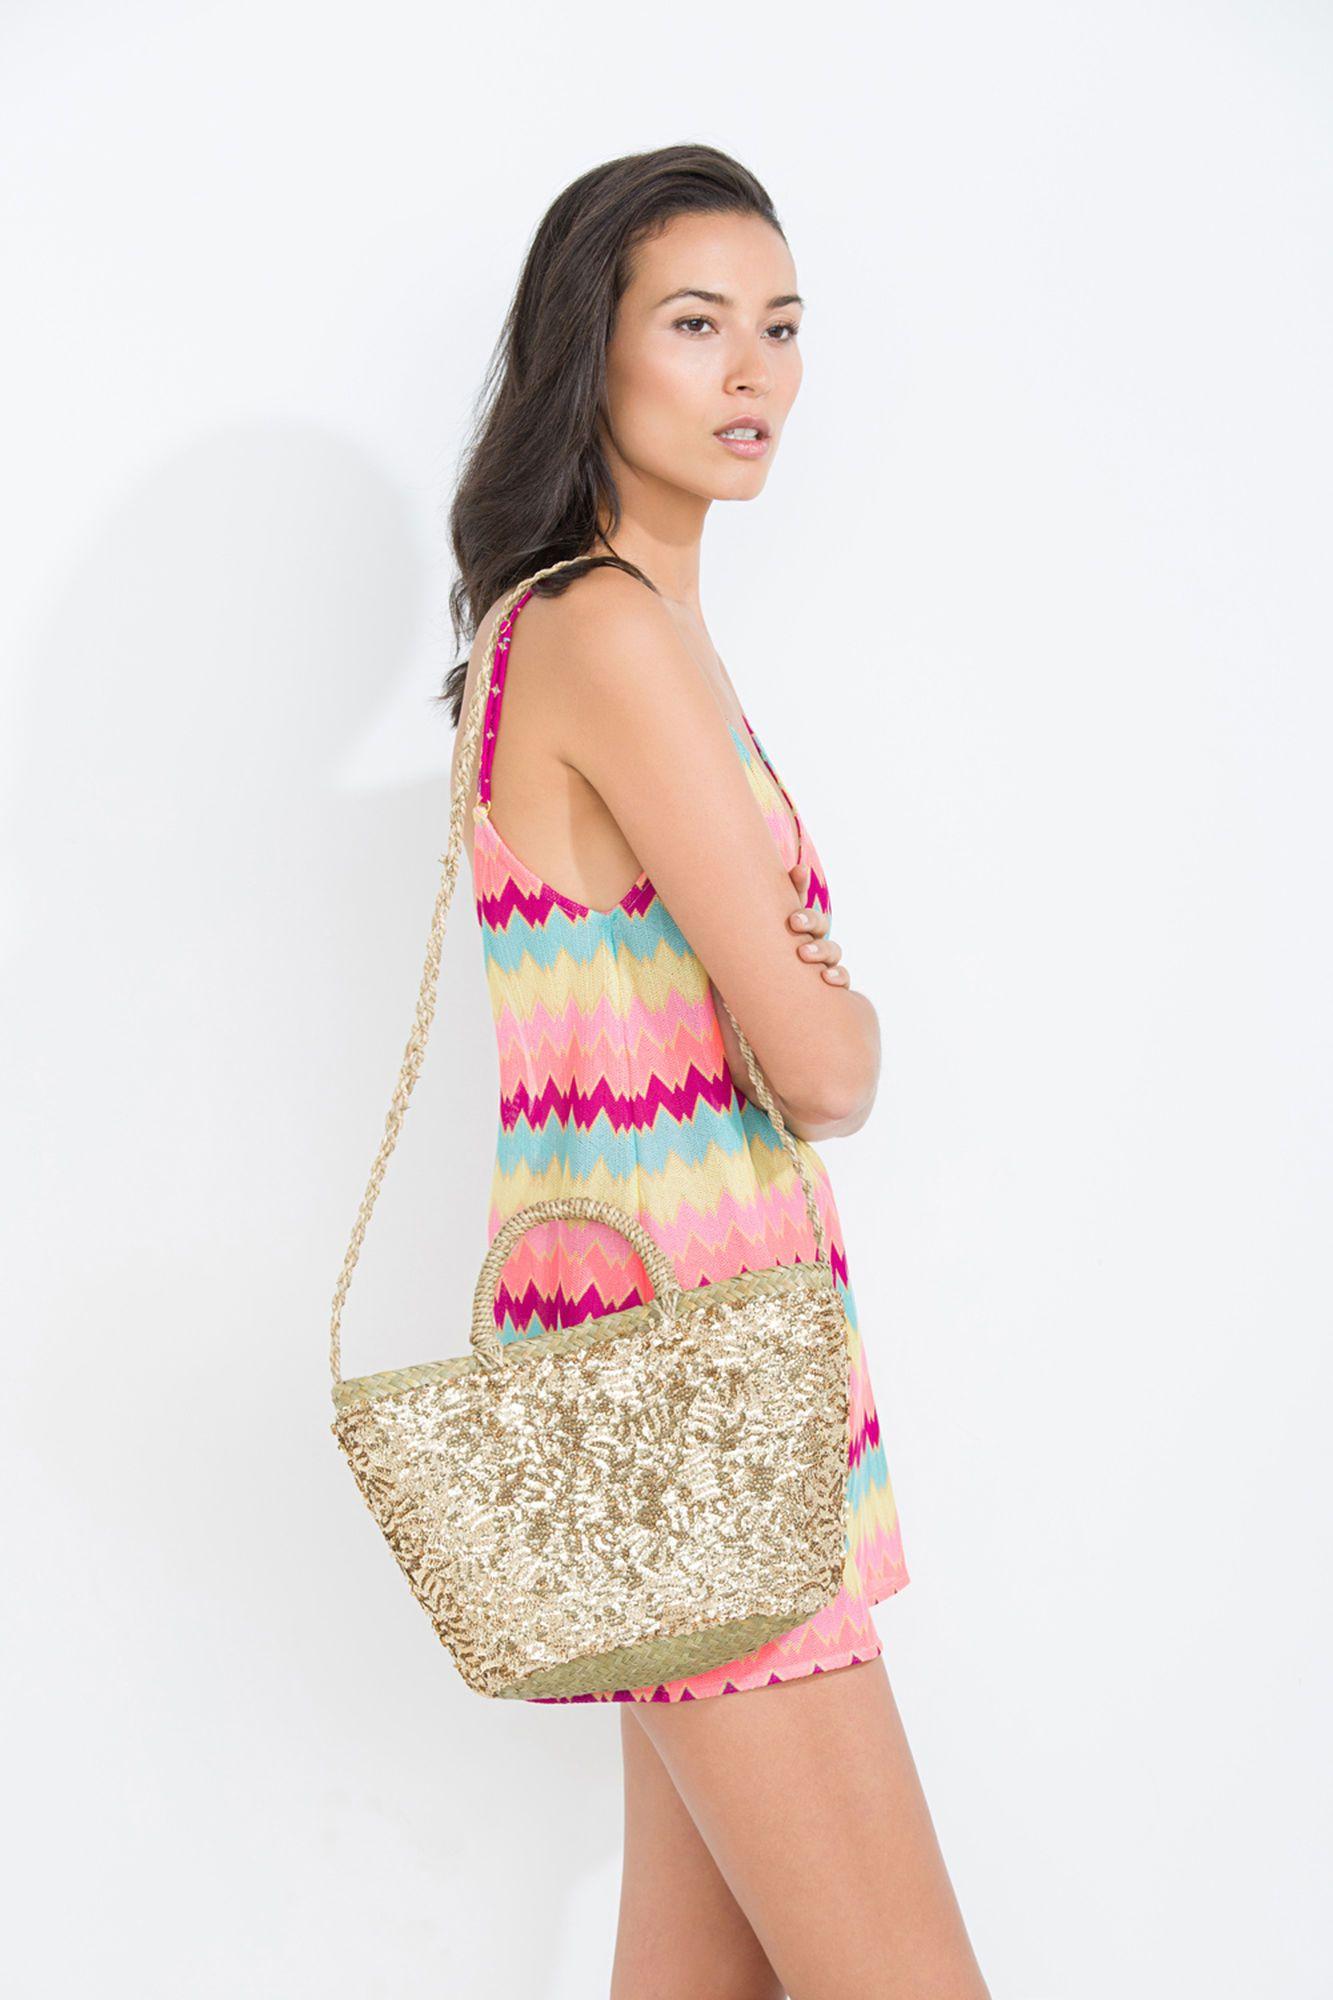 Bolso de playa, tipo cesta, hecho de paja con dos asas cortas, una asa larga para llevar la hombro y decorado del lentejuelas.